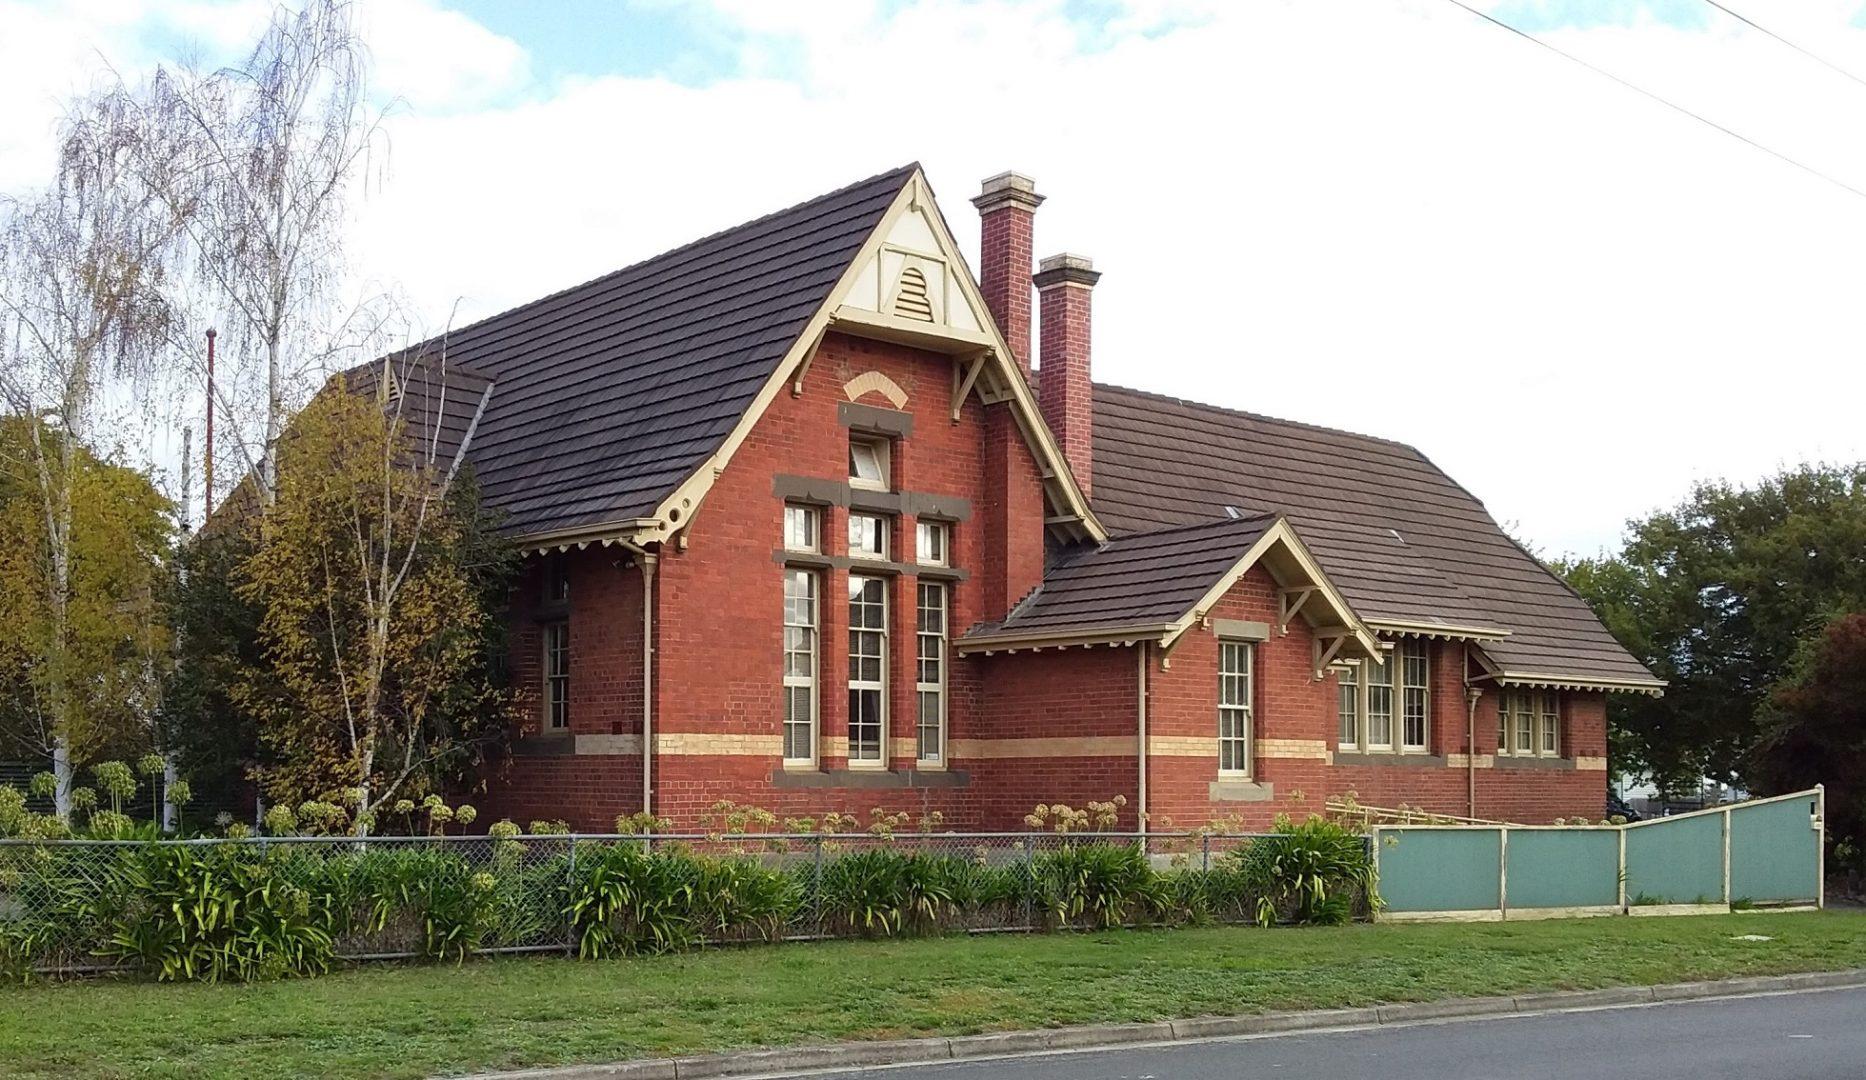 Ballarat East Primary School (Queen Street) now